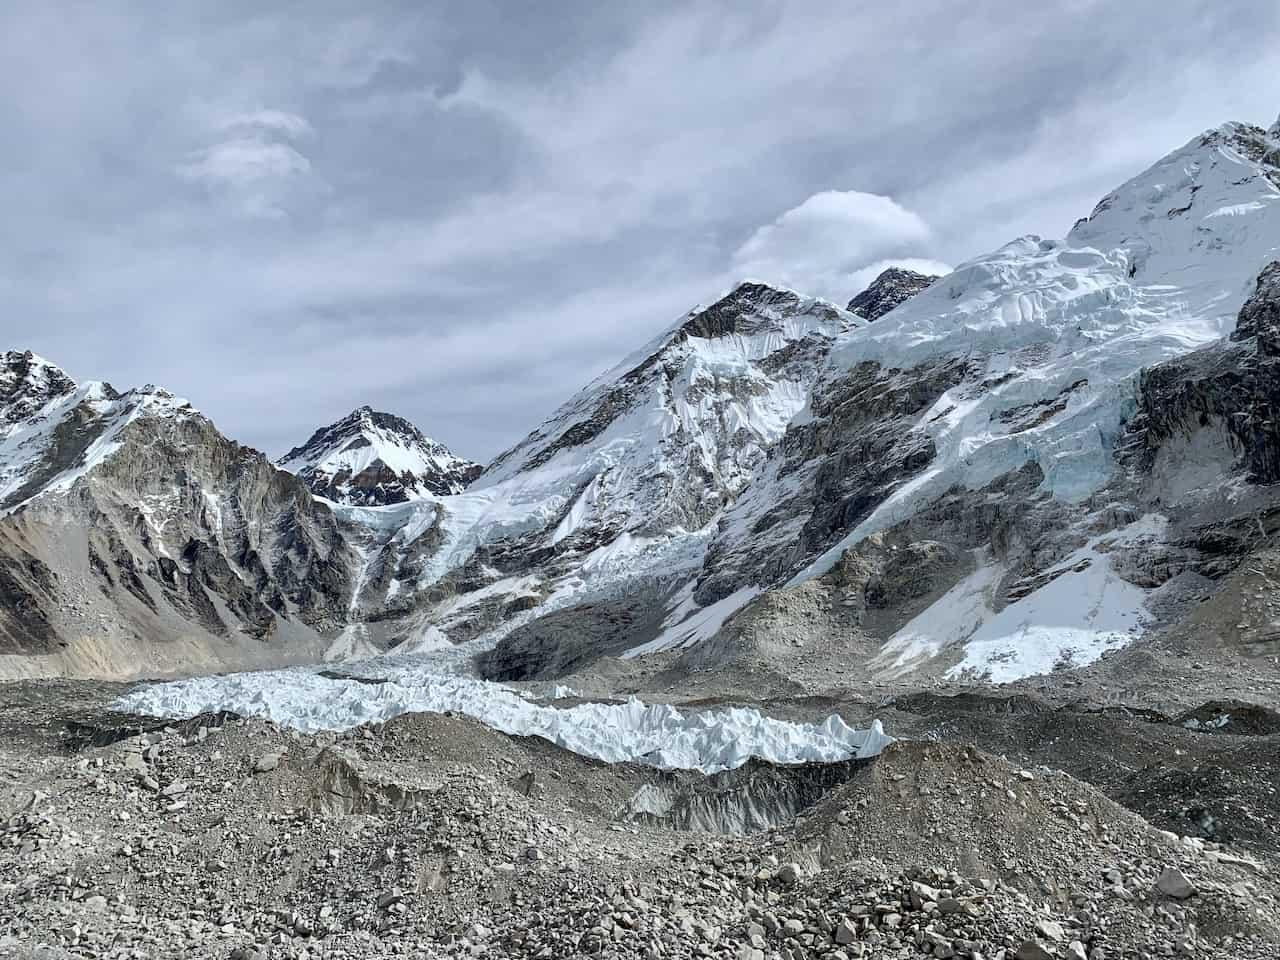 Khumbu Icefall Mount Everest